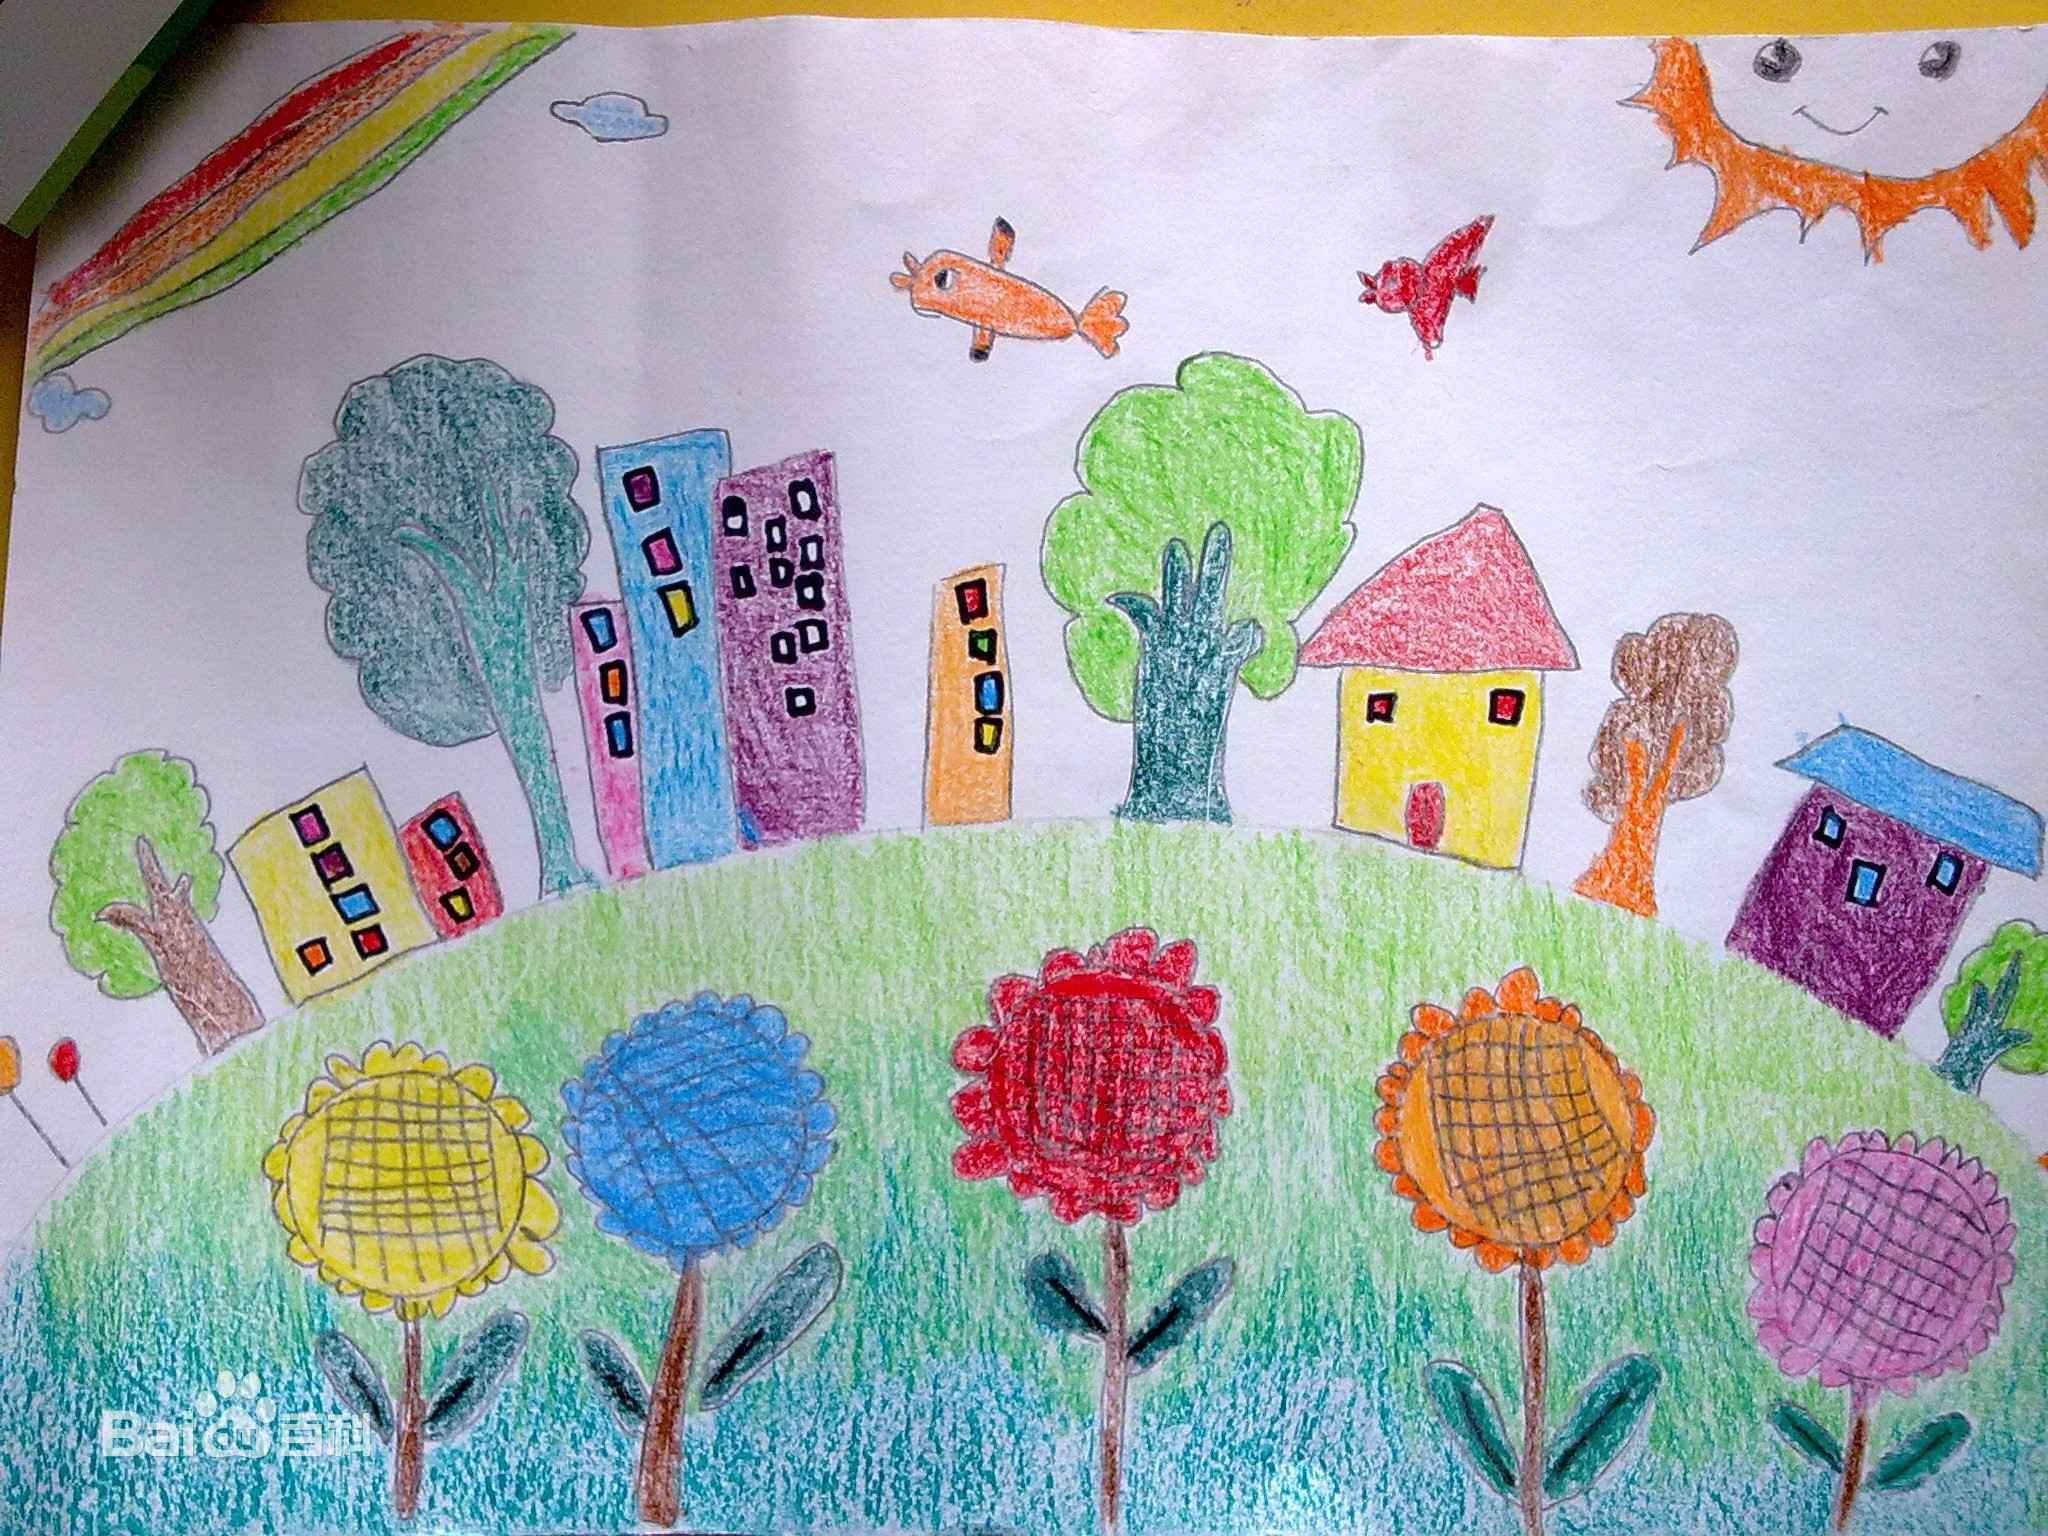 我的家绘画图片_我的家园图片_百度百科